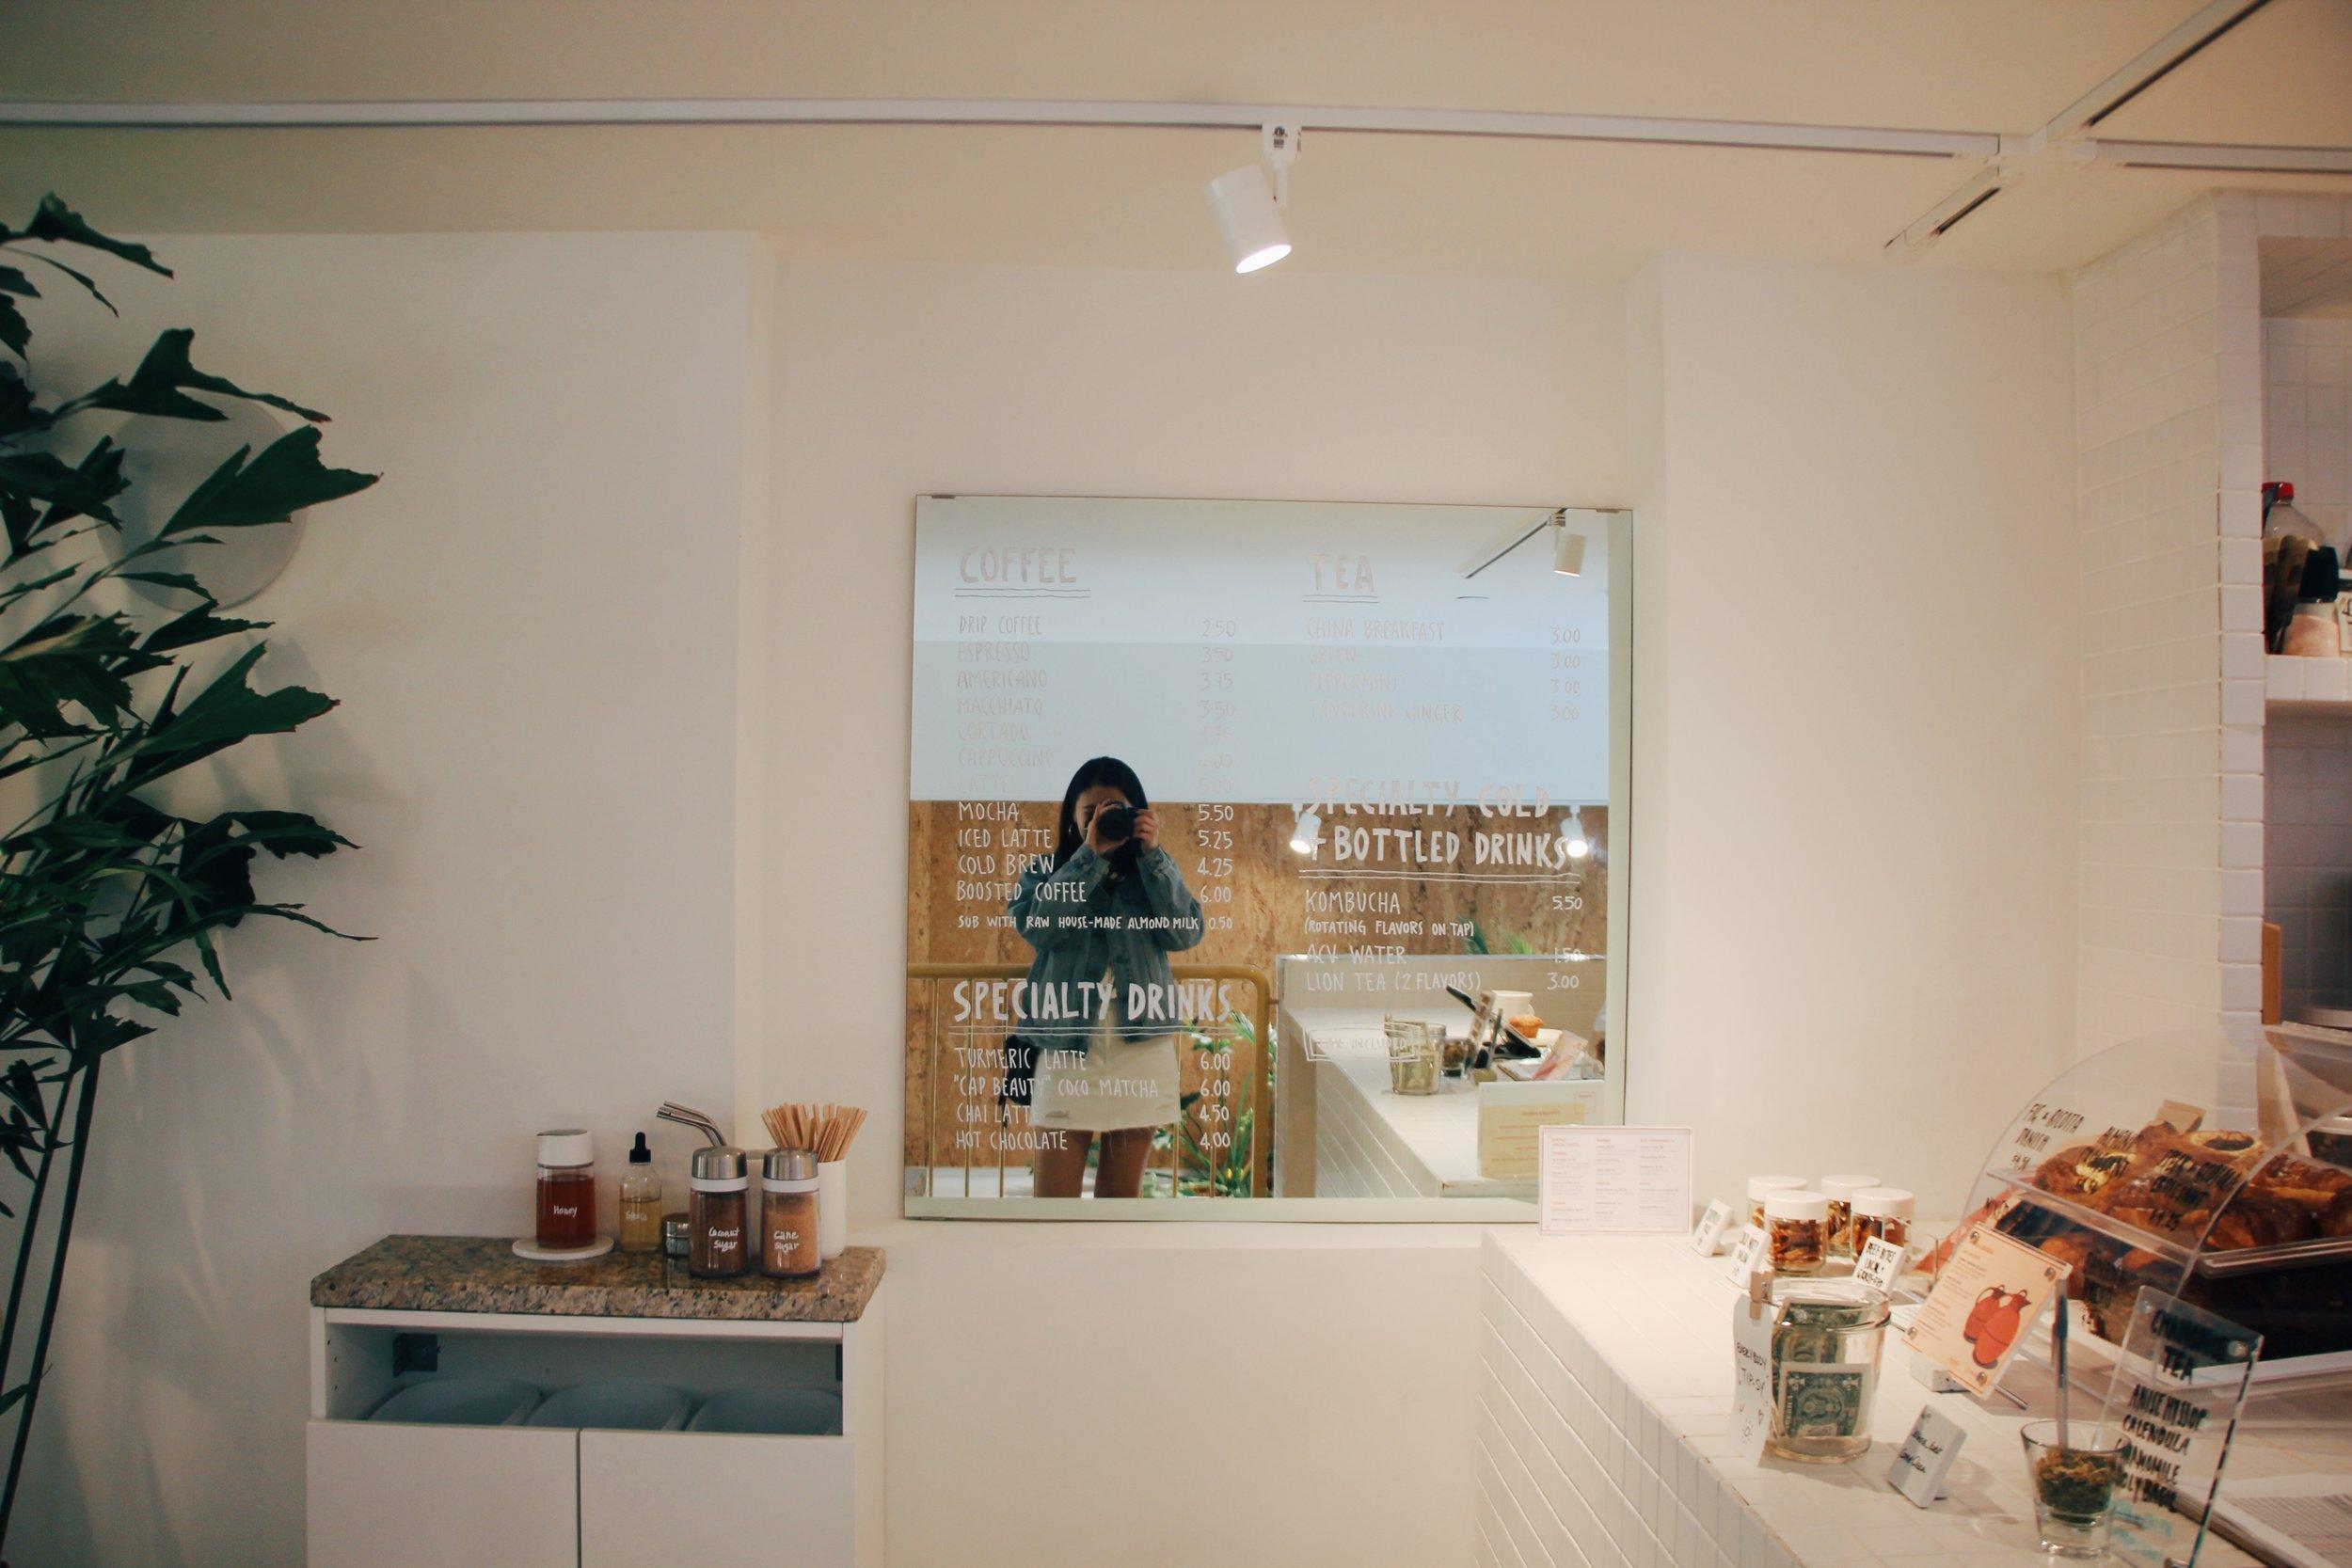 菜單的這片玻璃牆相當可愛~適合來張自拍